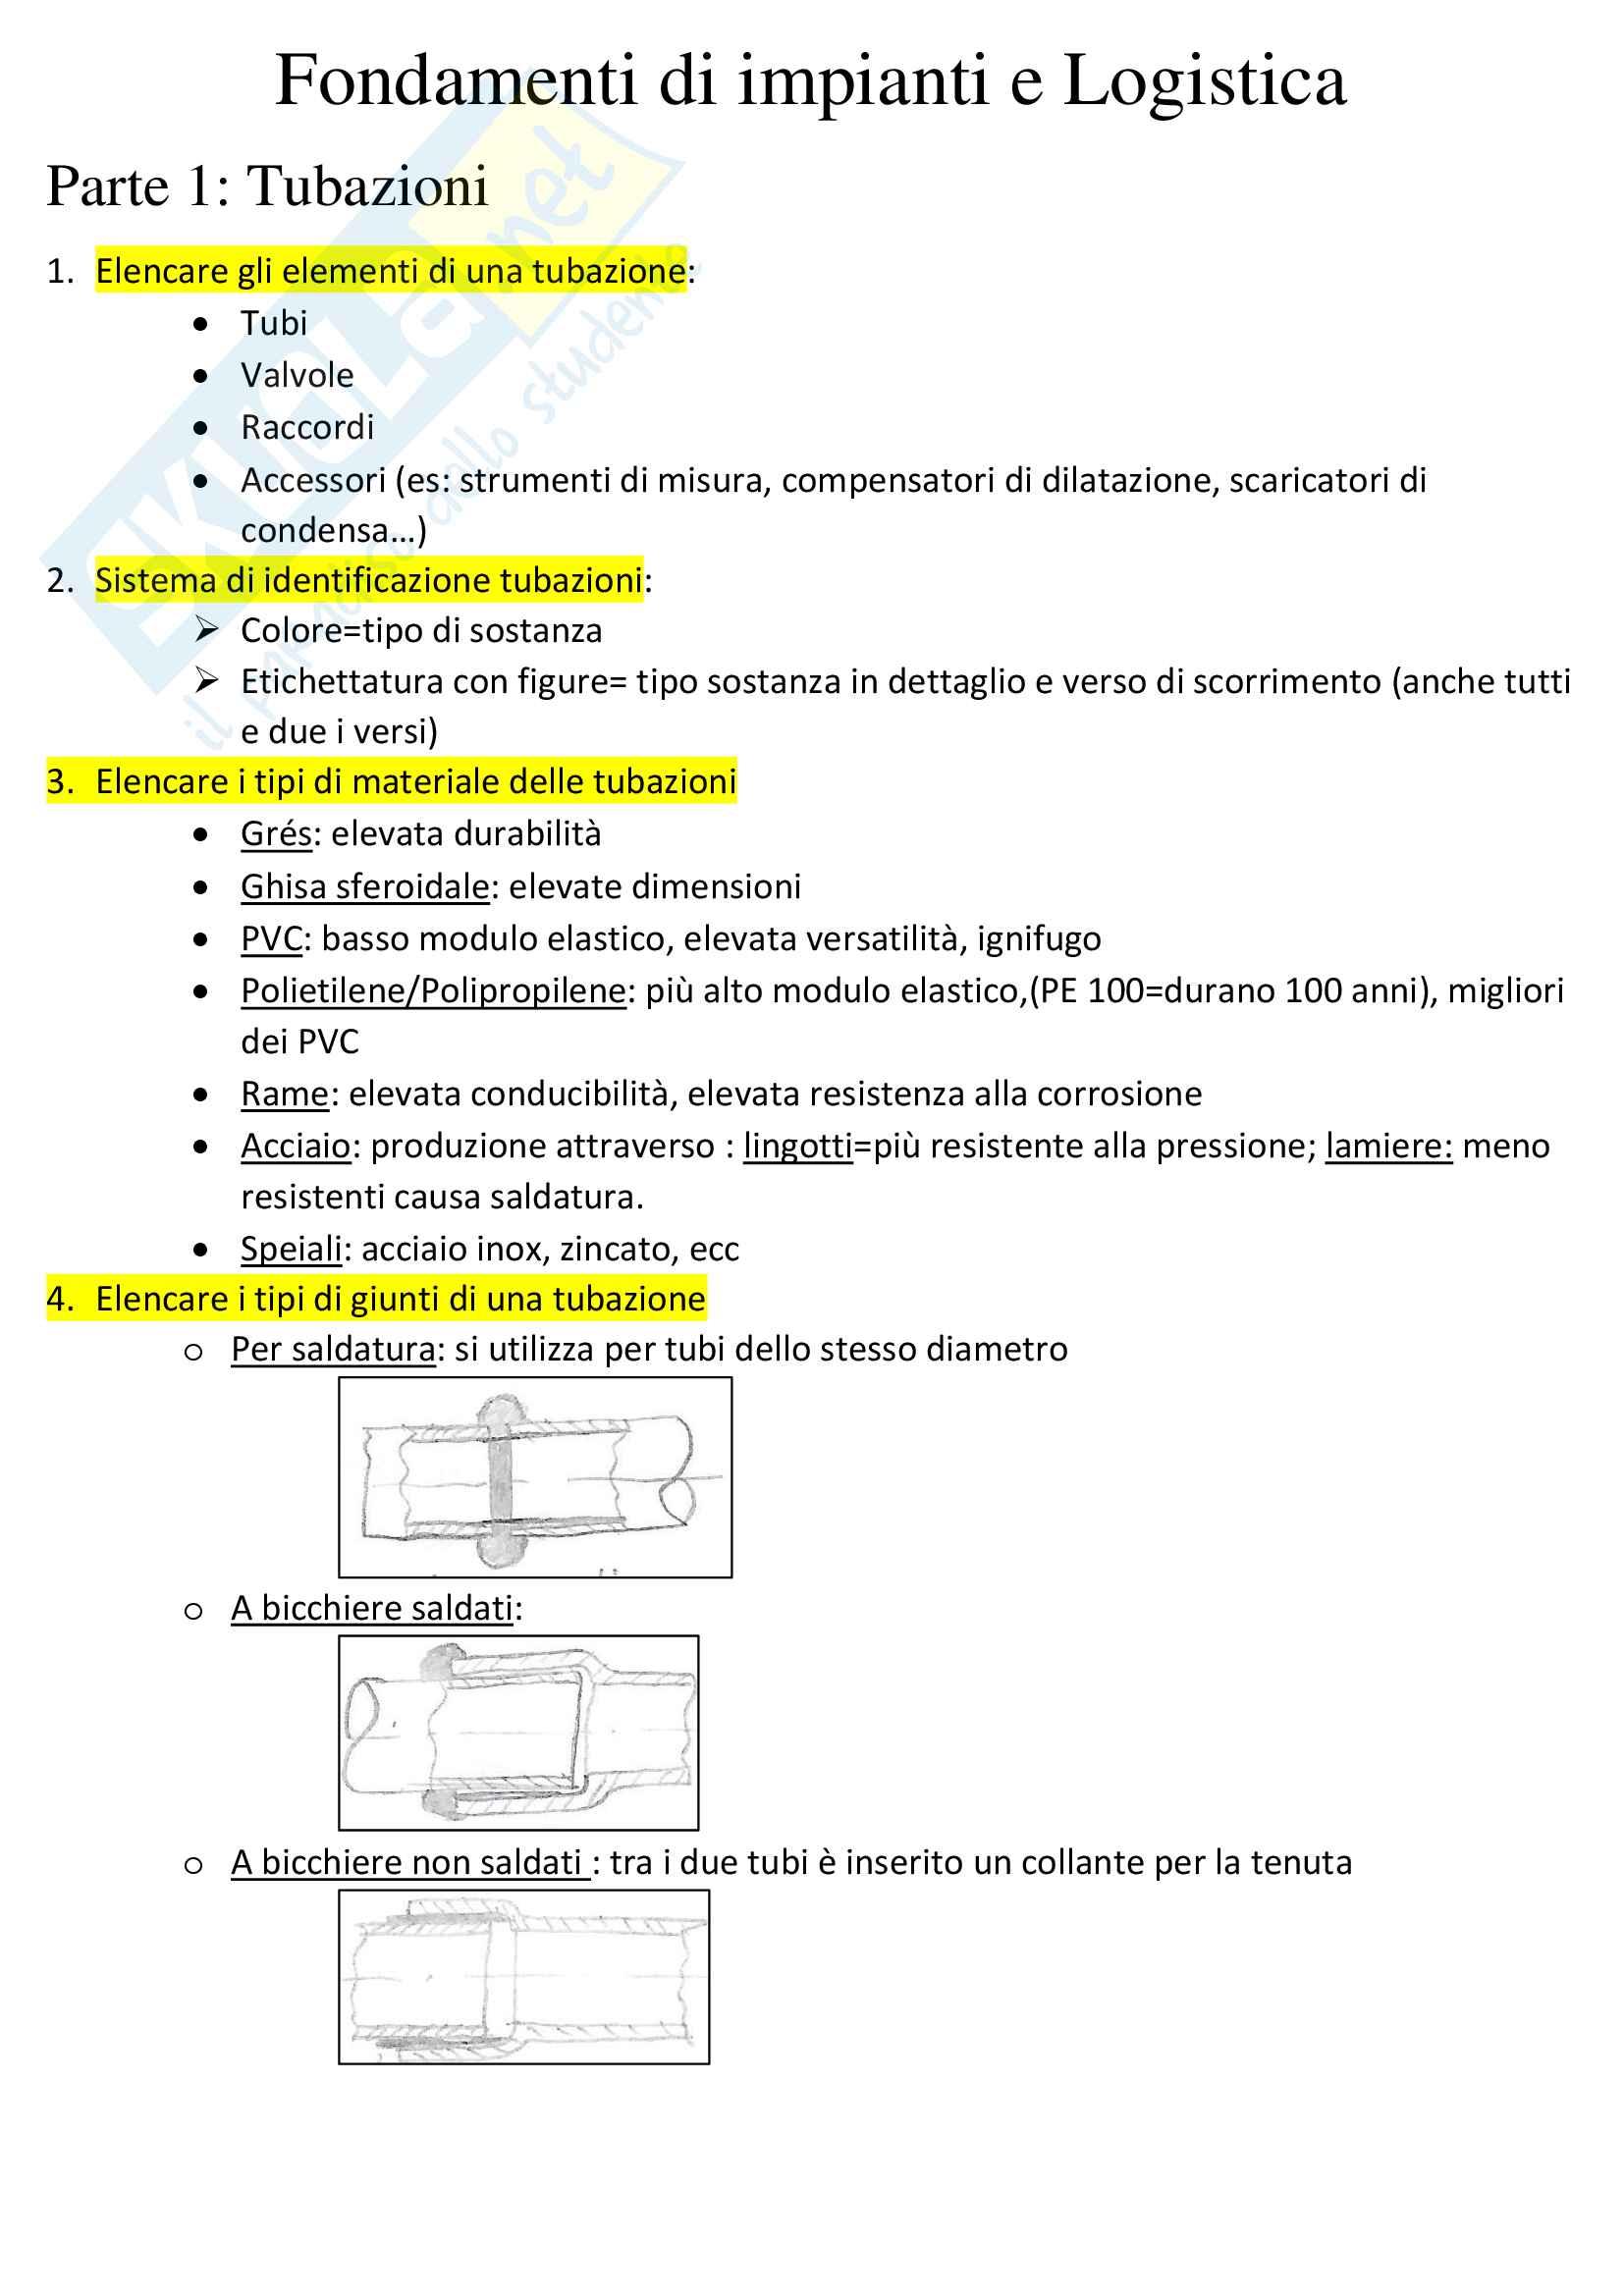 Appunti di Fondamenti di Impianti e Logistica